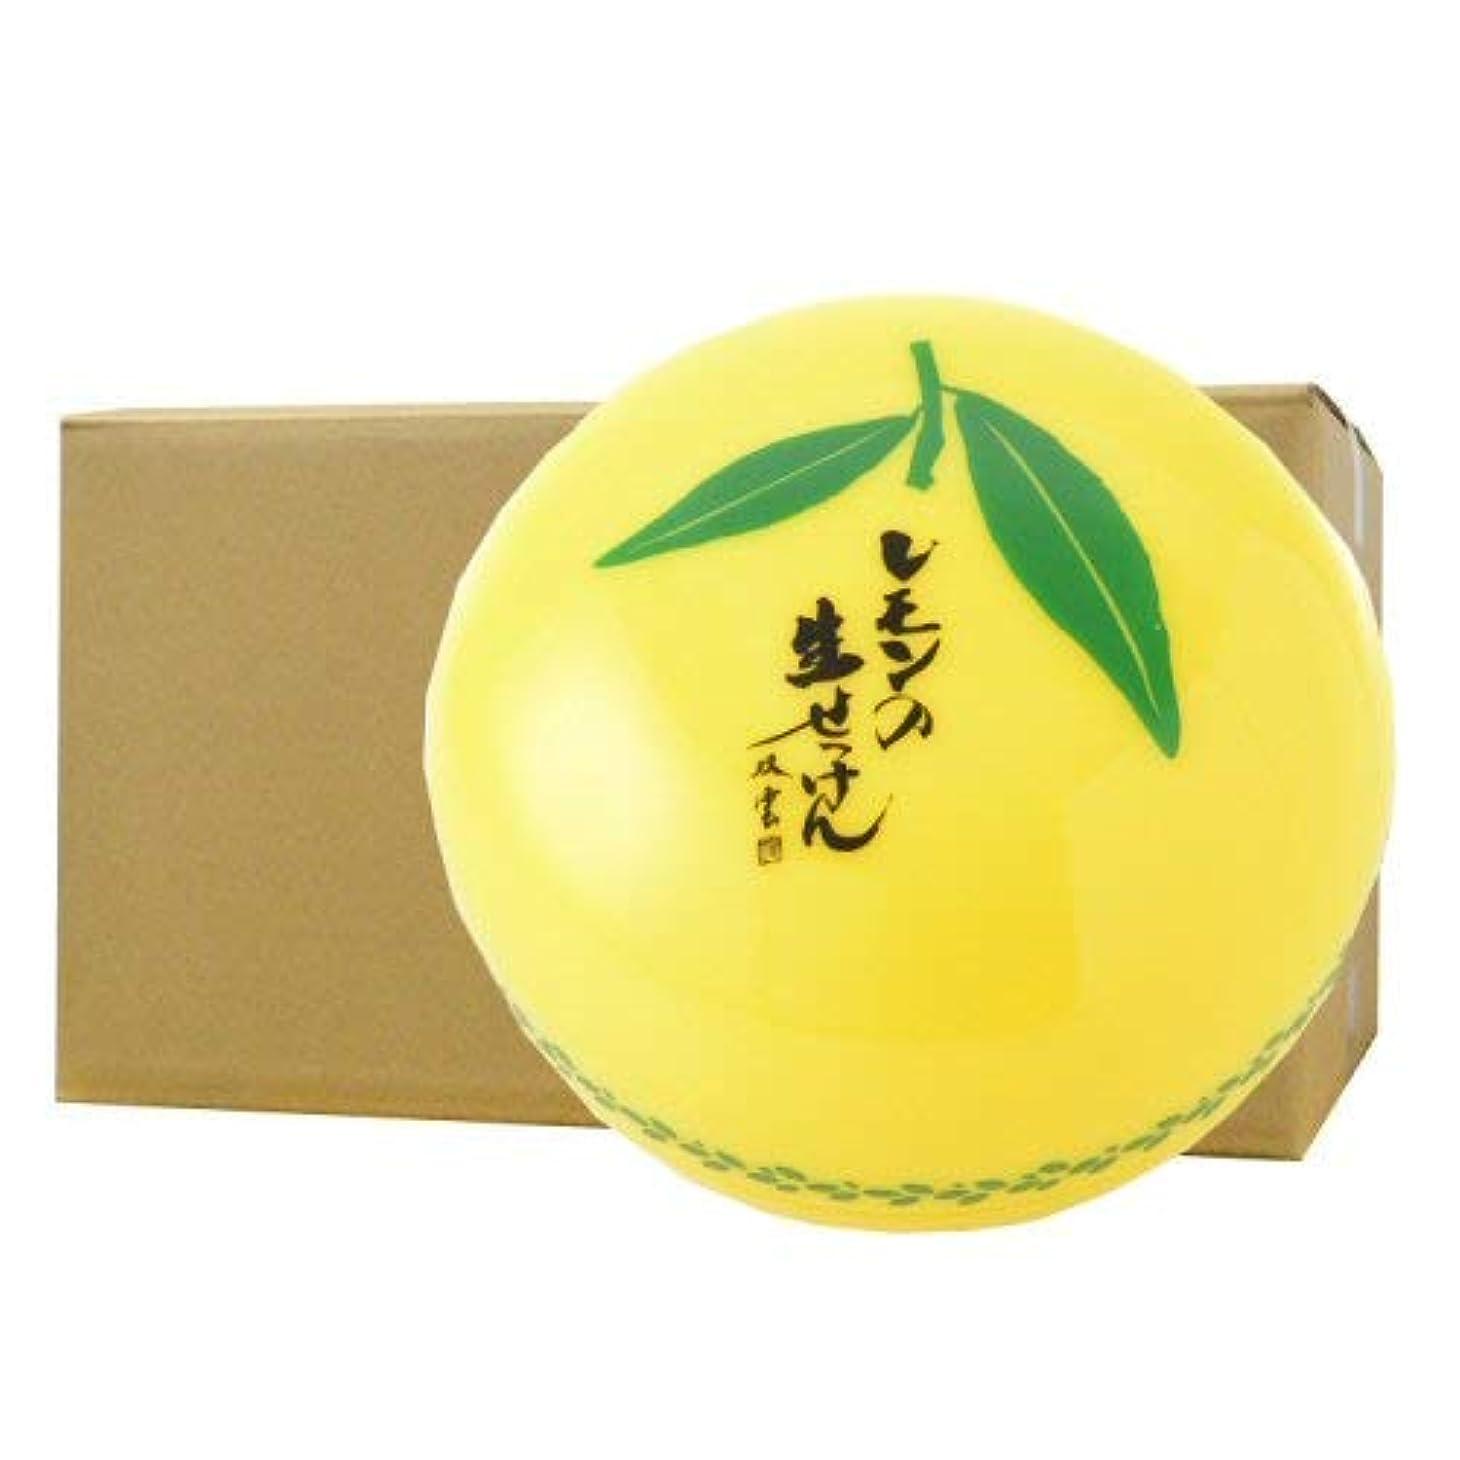 可動コマンド満了美香柑 レモンの生せっけん 洗顔石けん 無添加 スパチュラ?泡立てネット付 大容量 120g×24個ケース